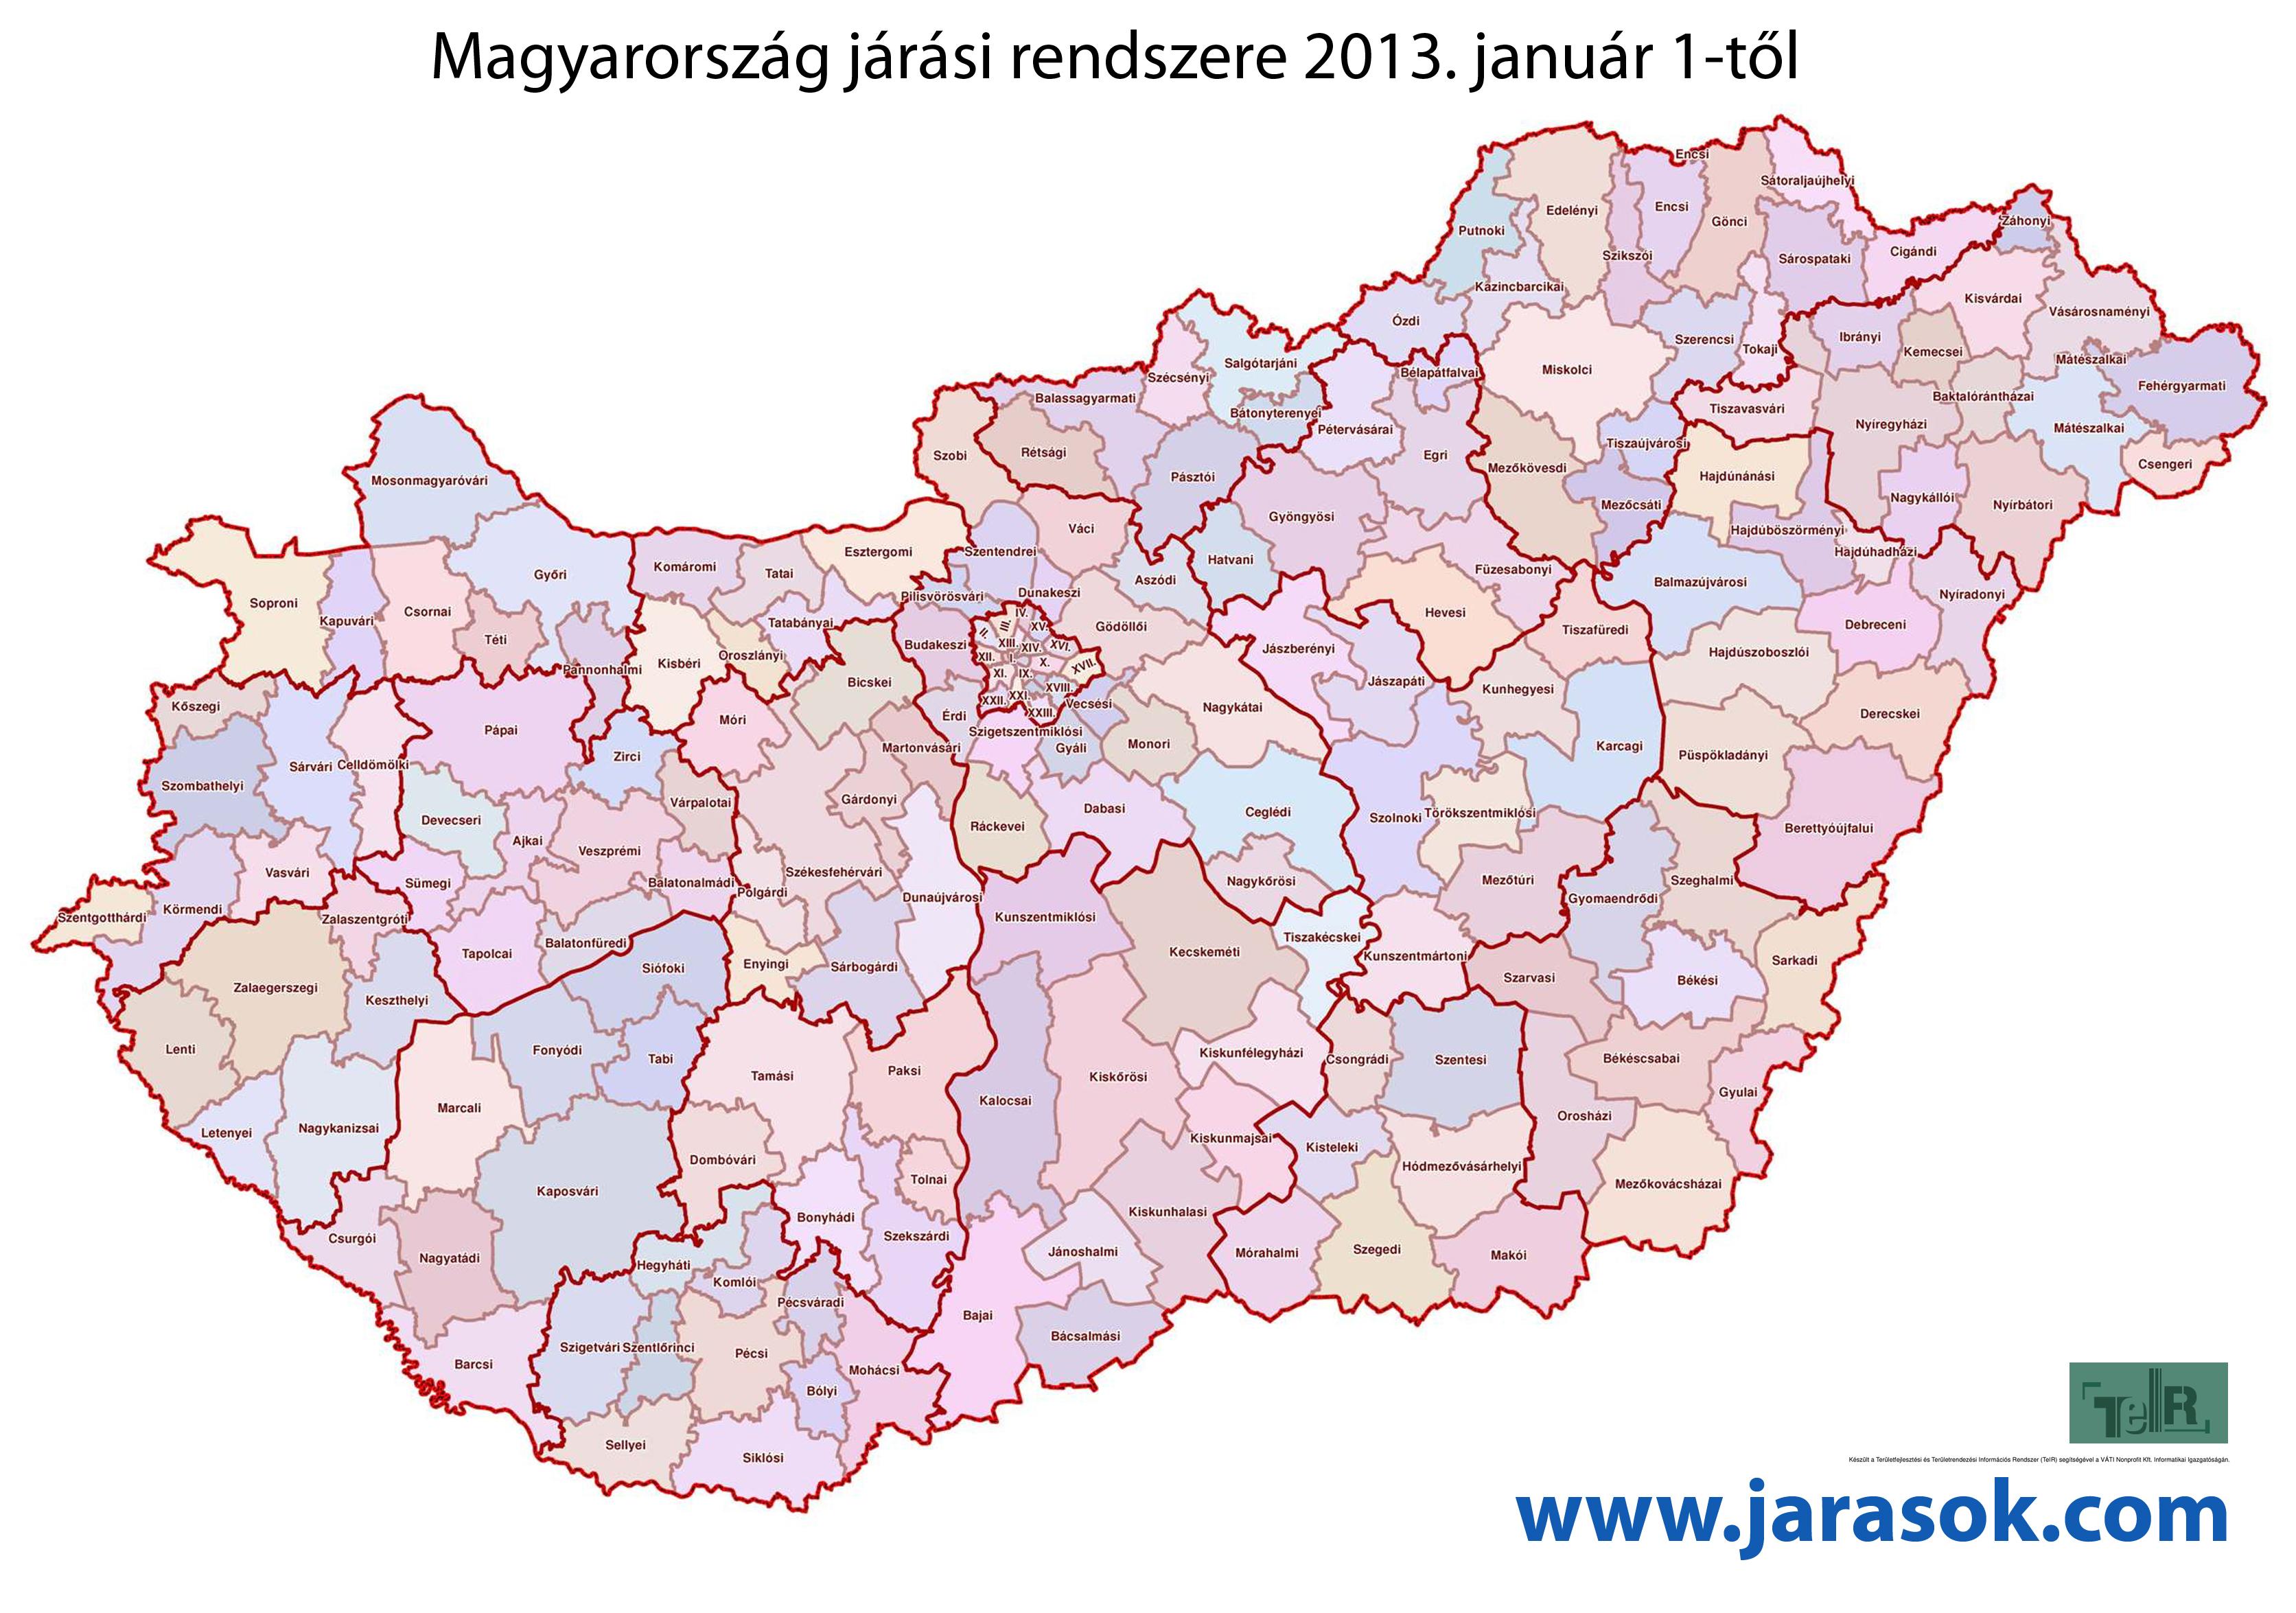 magyarország térkép szerencs JÁRÁS TÉRKÉP MAGYARORSZÁG   Magyarország járási térképe   JÁRÁSOK  magyarország térkép szerencs